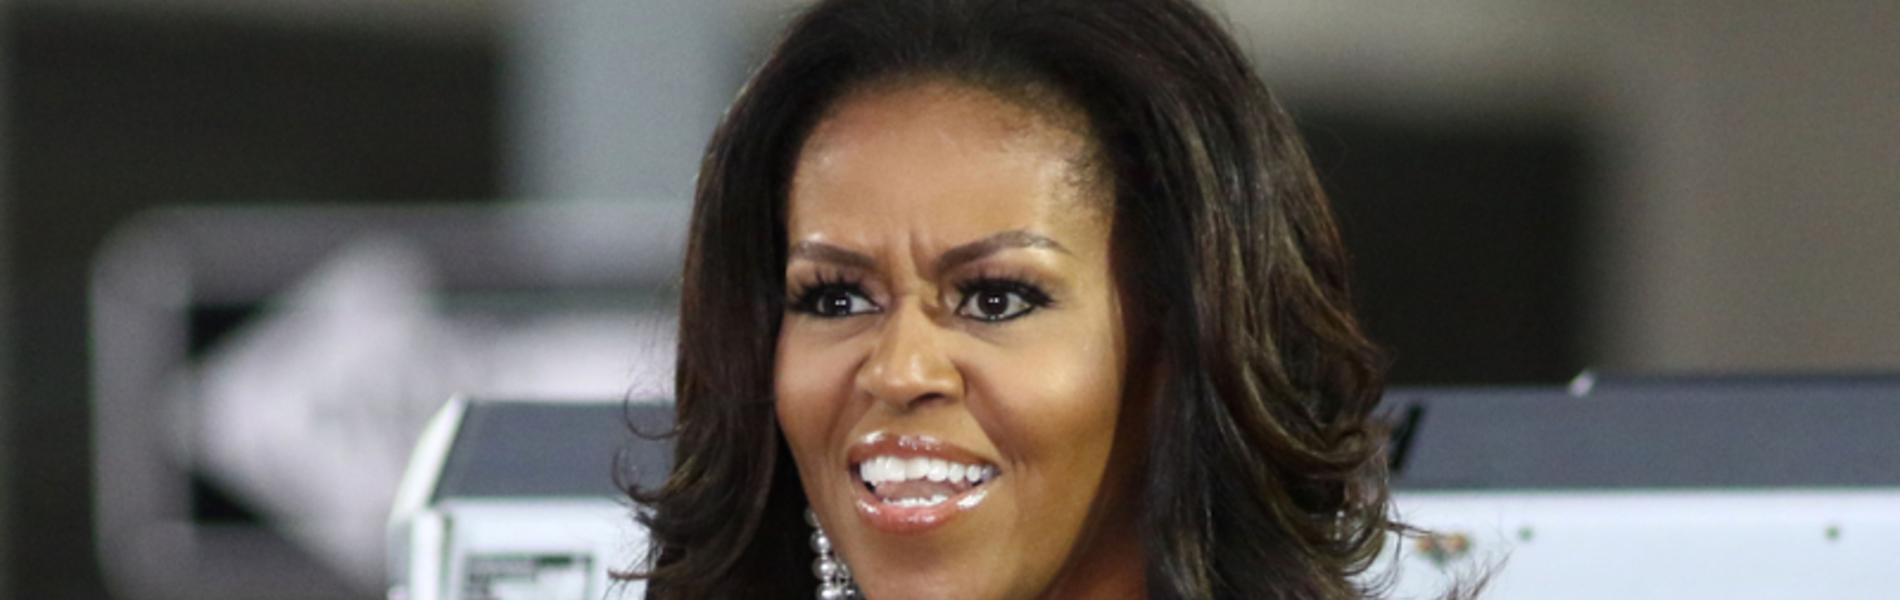 מגפי הזהב של מישל אובמה הם הרבה מעבר לאסון אפנתי